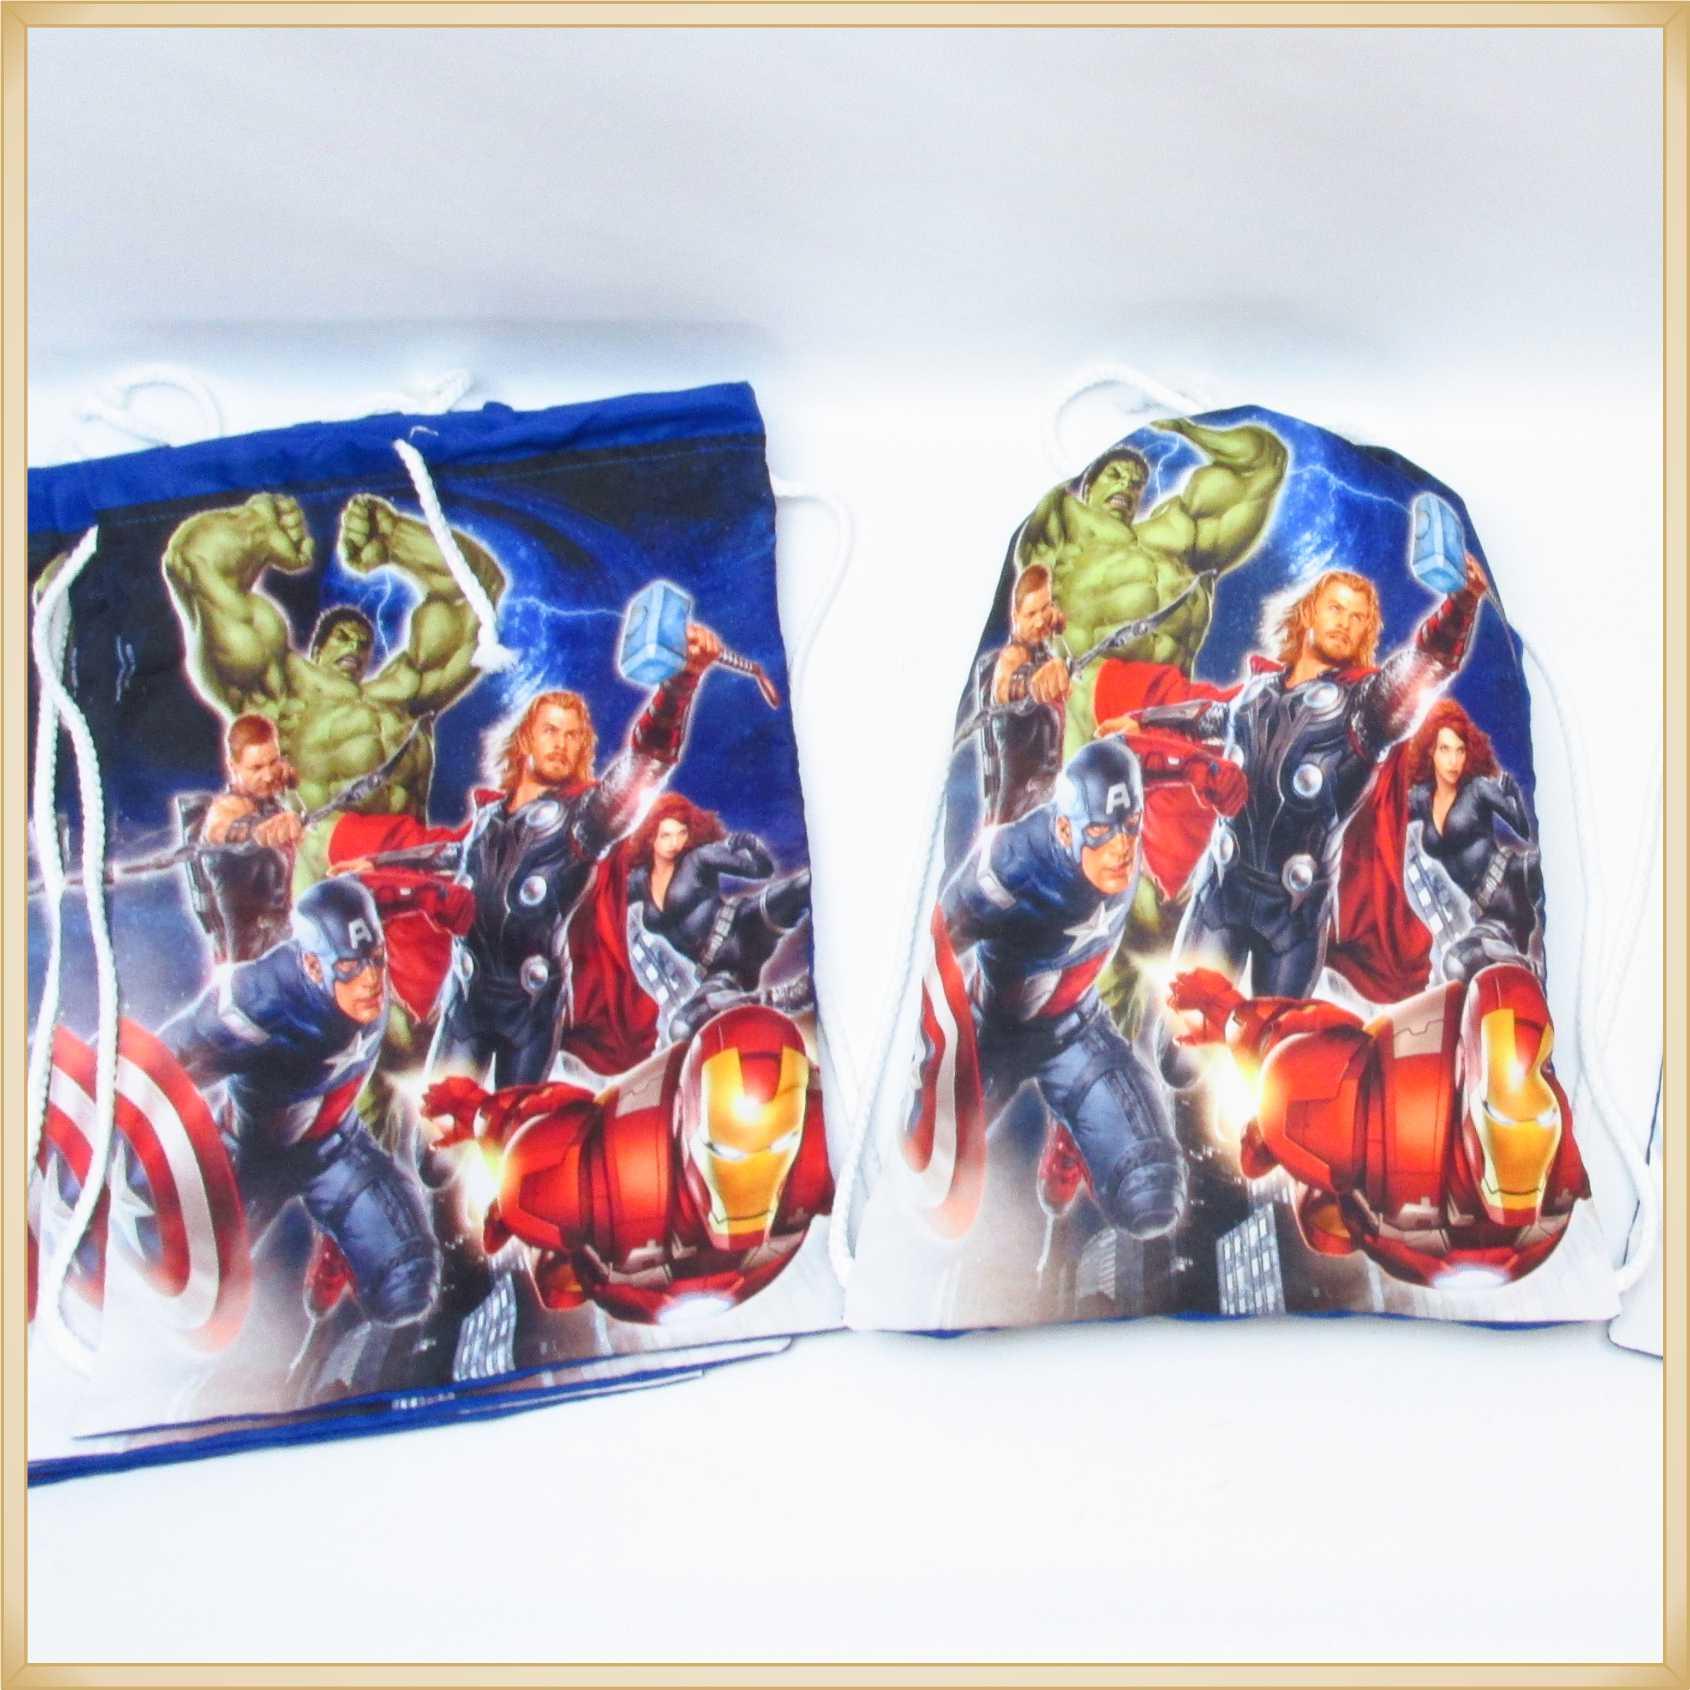 Mochilinhas Personalizadas para Lembrancinhas de Aniversário Infantil Brindes para crianças - Kit com 10 unidades